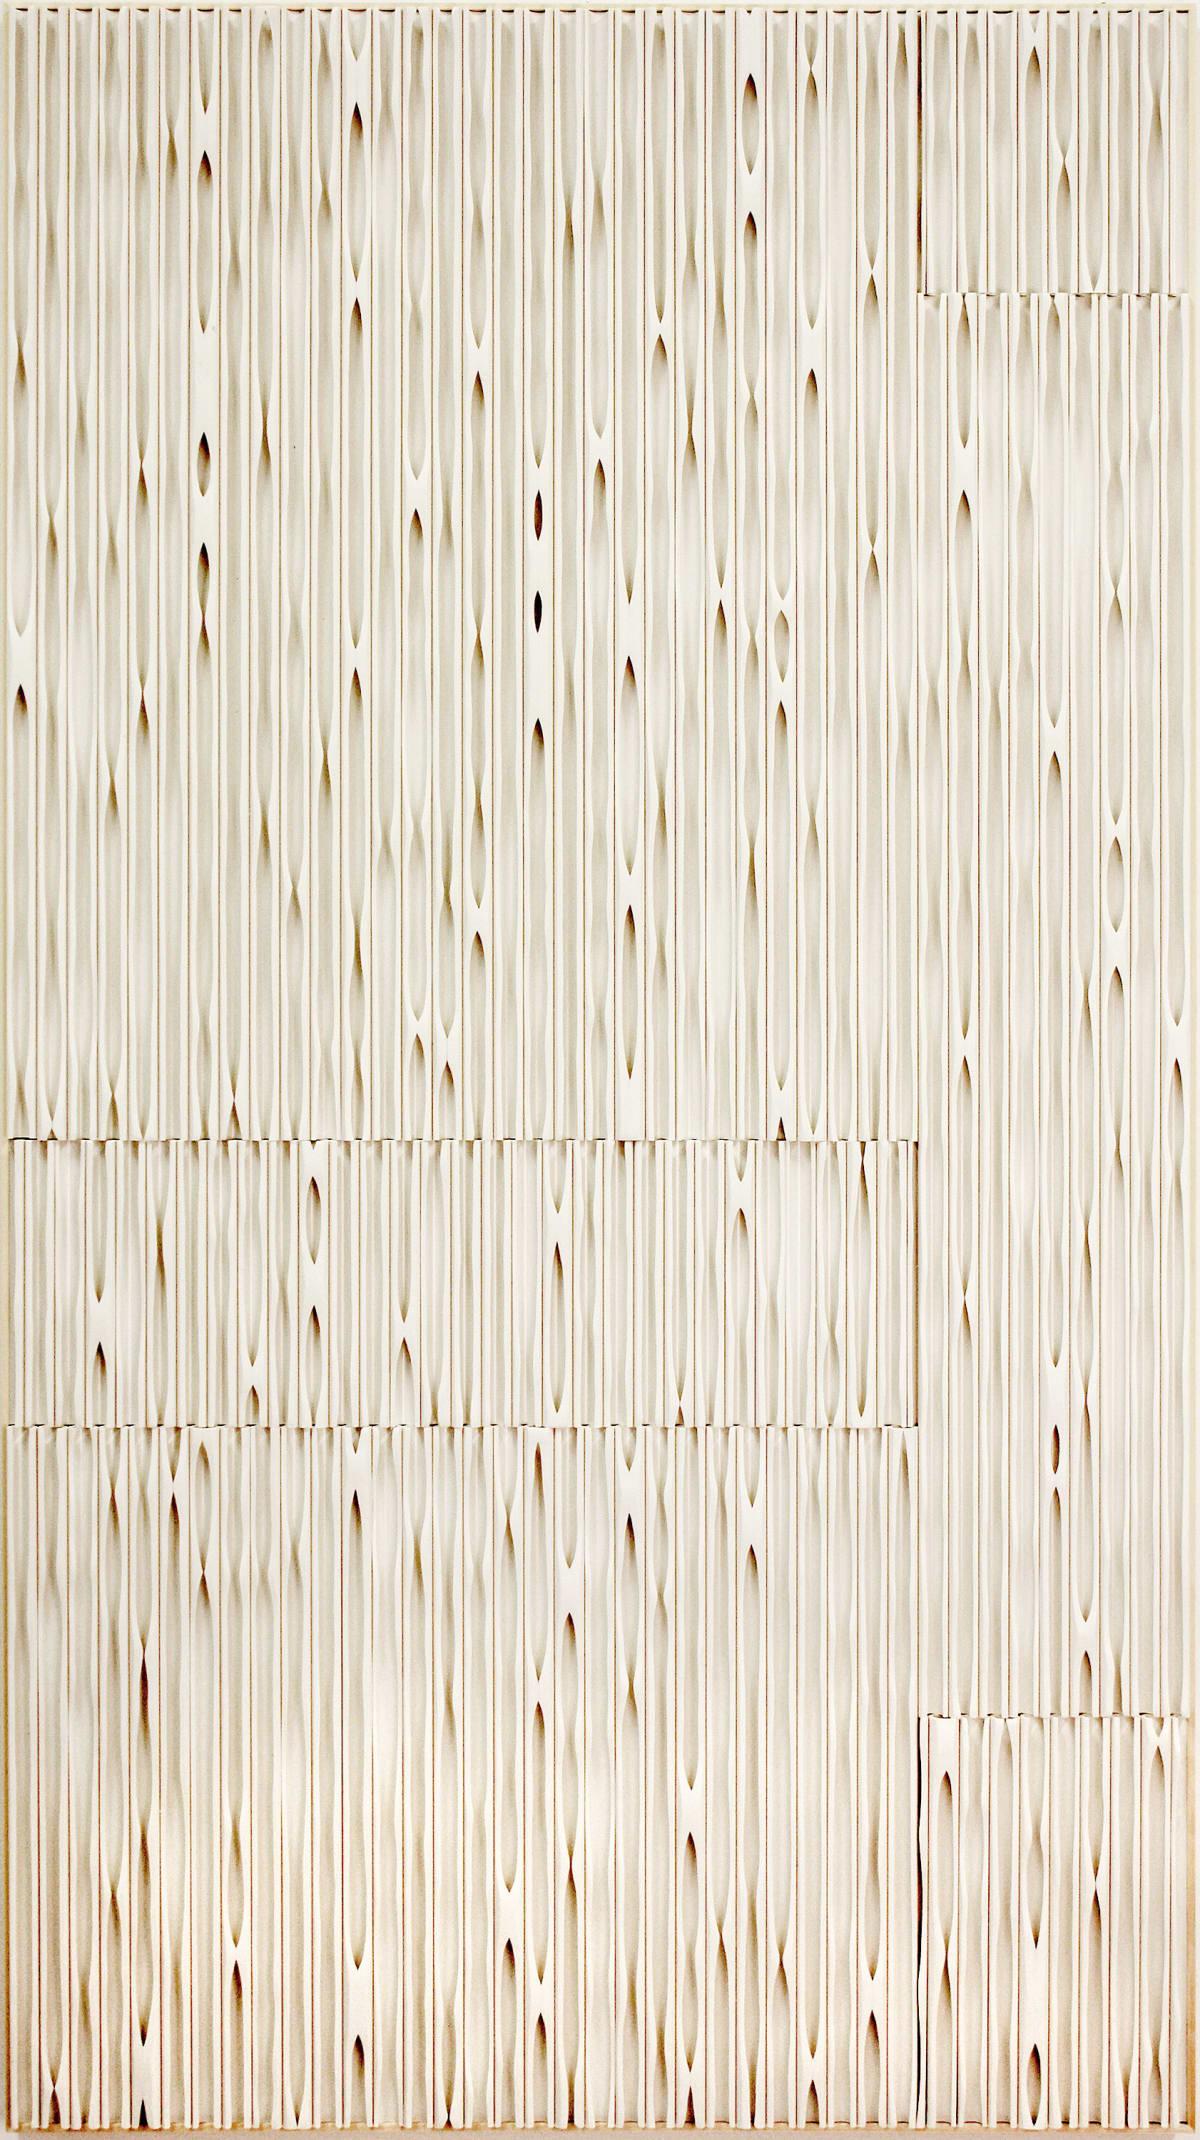 Jessica Drenk, Erosion: Slice, 2017